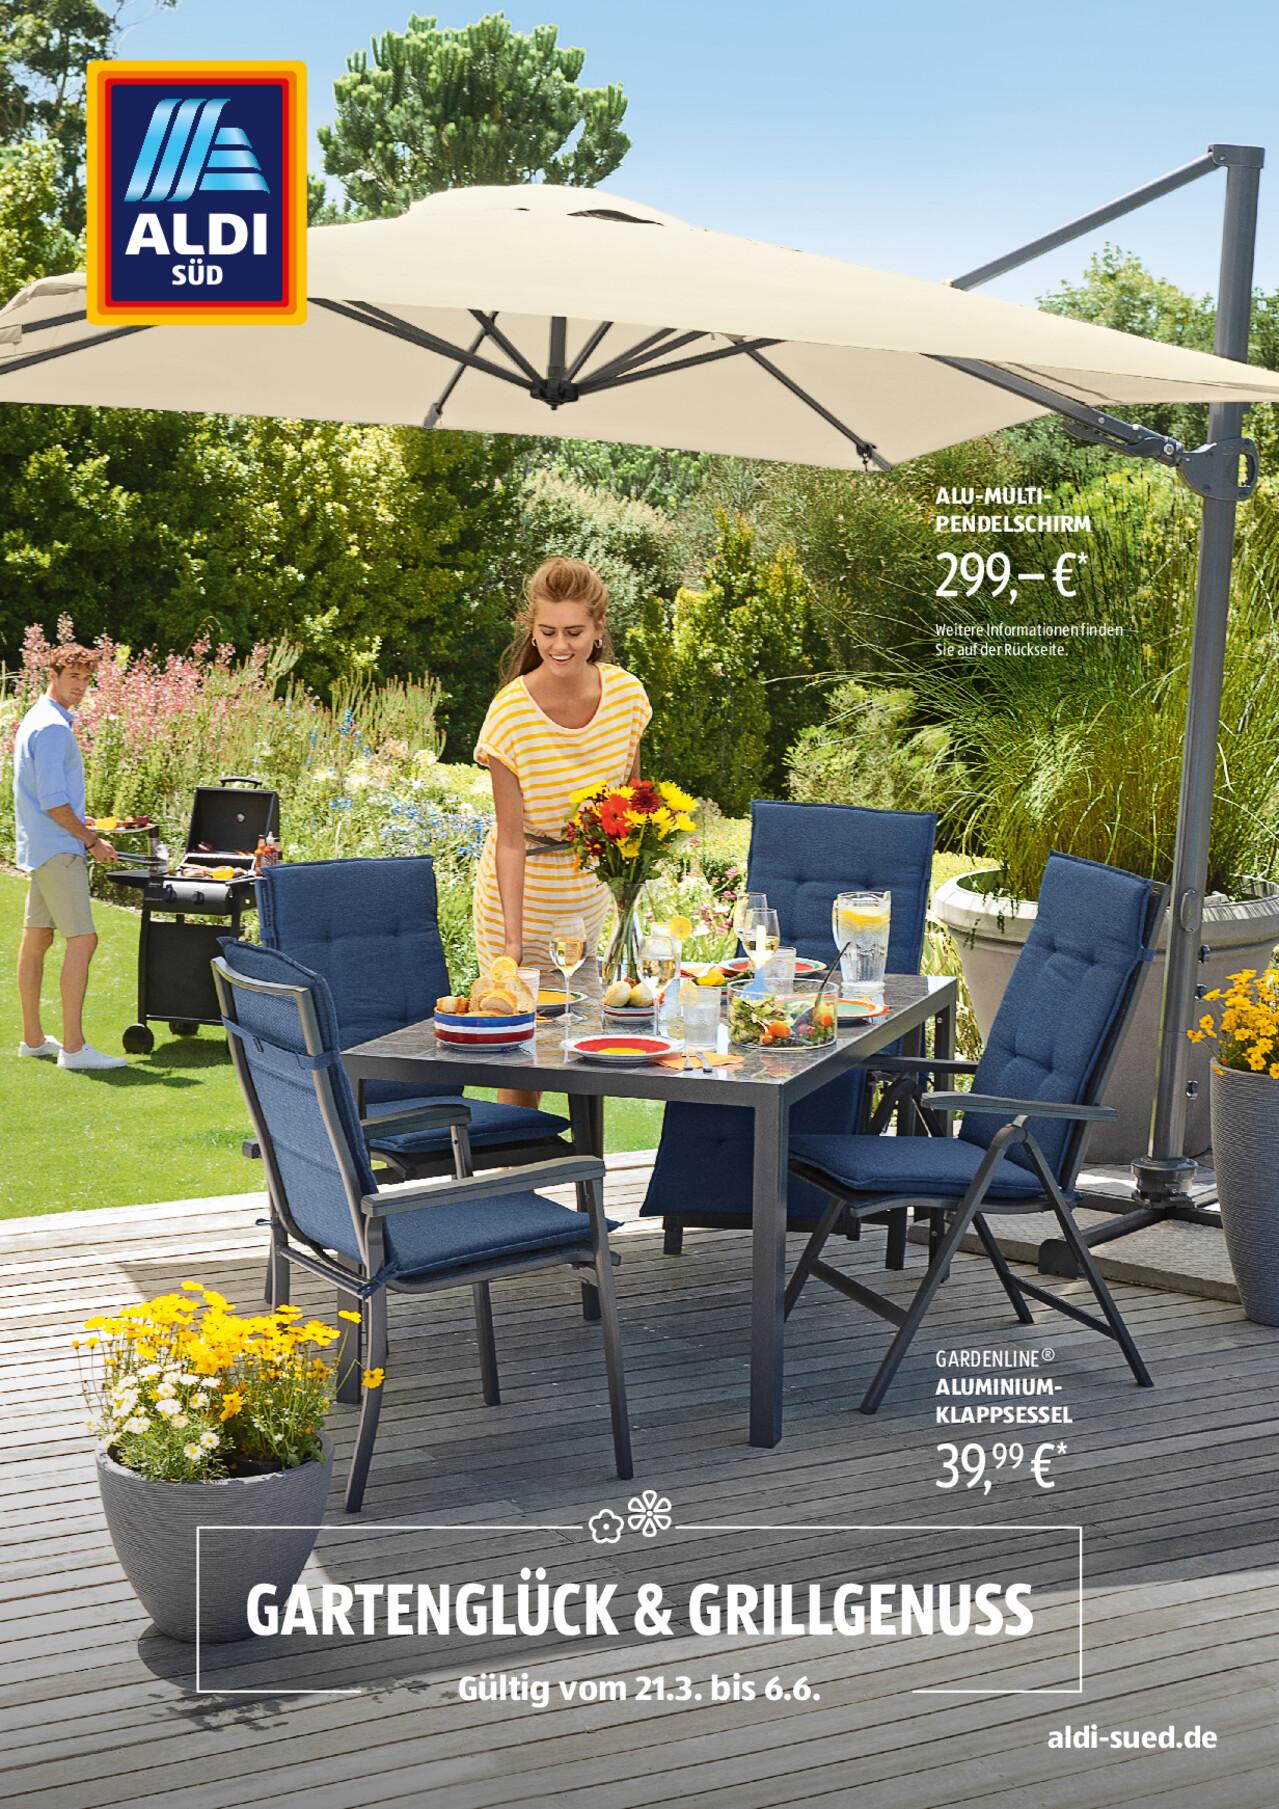 Rankgitter Aldi Luxus Aldi Süd – Gartenbroschüre – 2019